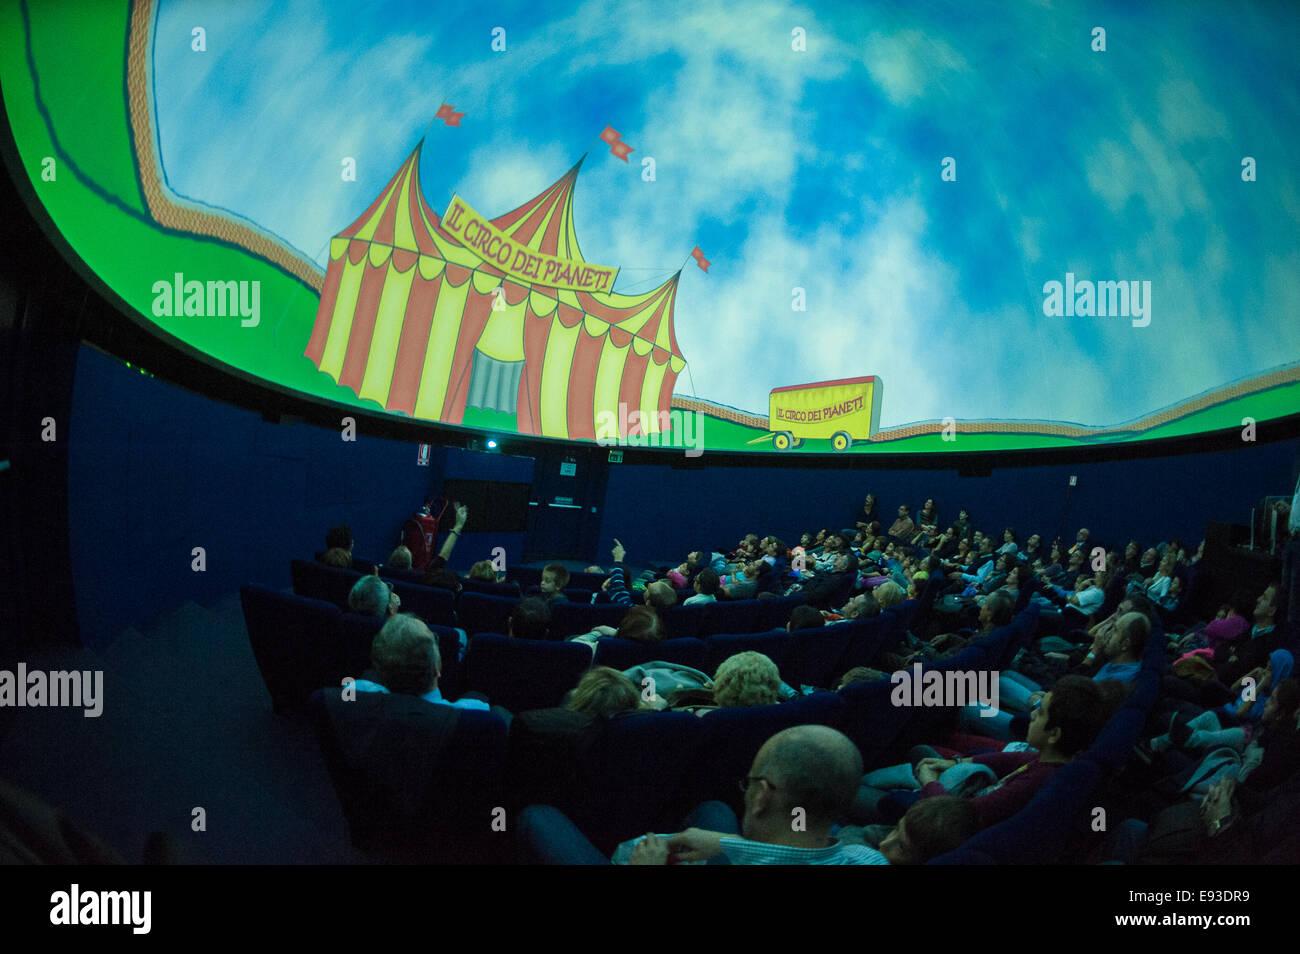 Italia Turín Piamonte Pino Torinese Inauguración de la nueva zona de museos del Museo de Turín planetario astronomía y espacio INFINI.Al 17 de octubre de 2014 - Planetario espectáculo infantil circo de los planetas Foto de stock